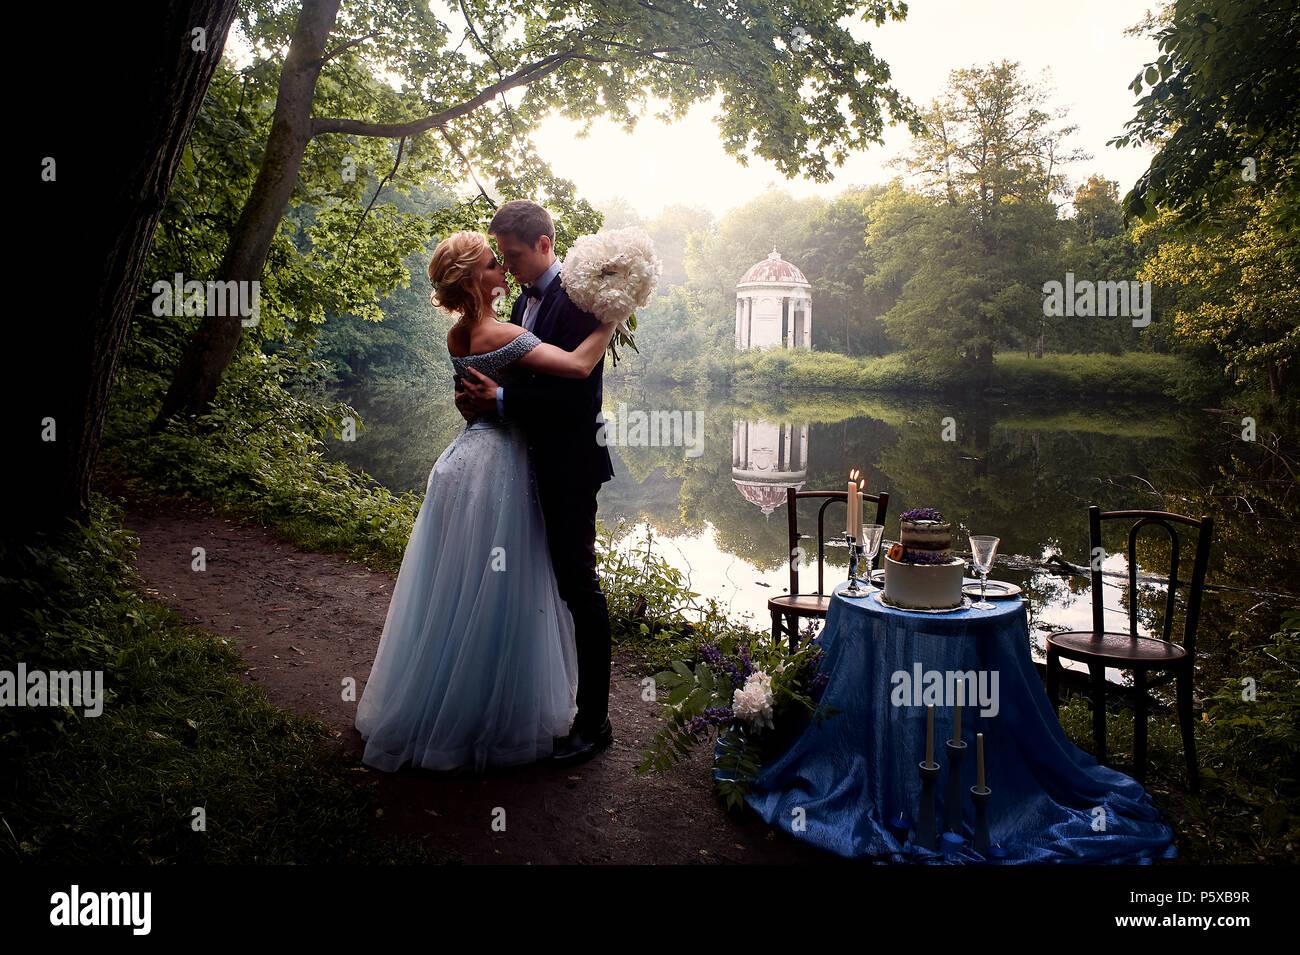 Die Braut und der Bräutigam stand neben einem malerischen See. Einrichtung in Blau Tönen, auf dem Tisch eine zweistufige Kuchen, Gläser und Kerzen. Romantische Hochzeit Abendessen. Stockbild